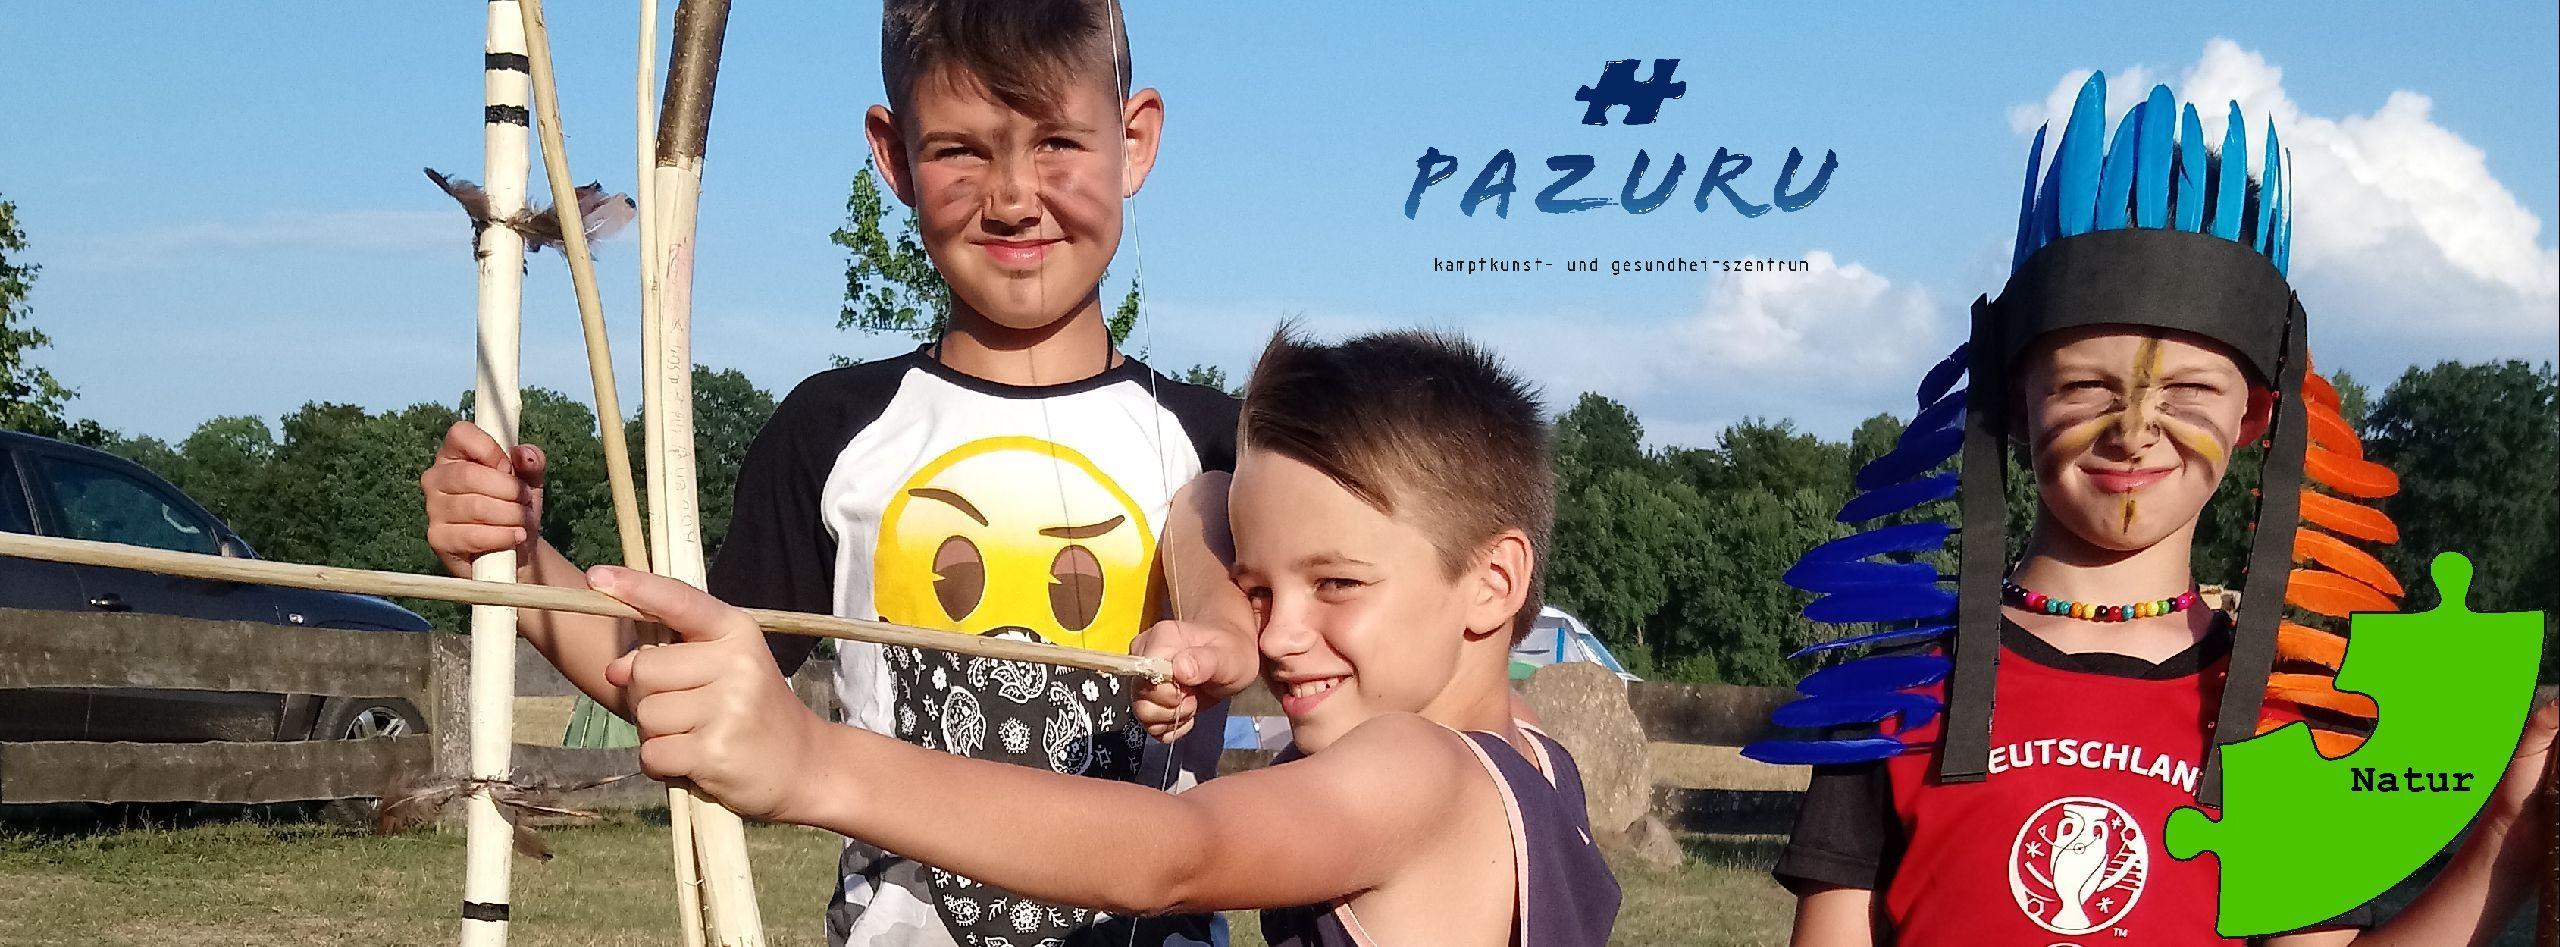 Pazuru Kampfkunst- und Gesundheitszentrum